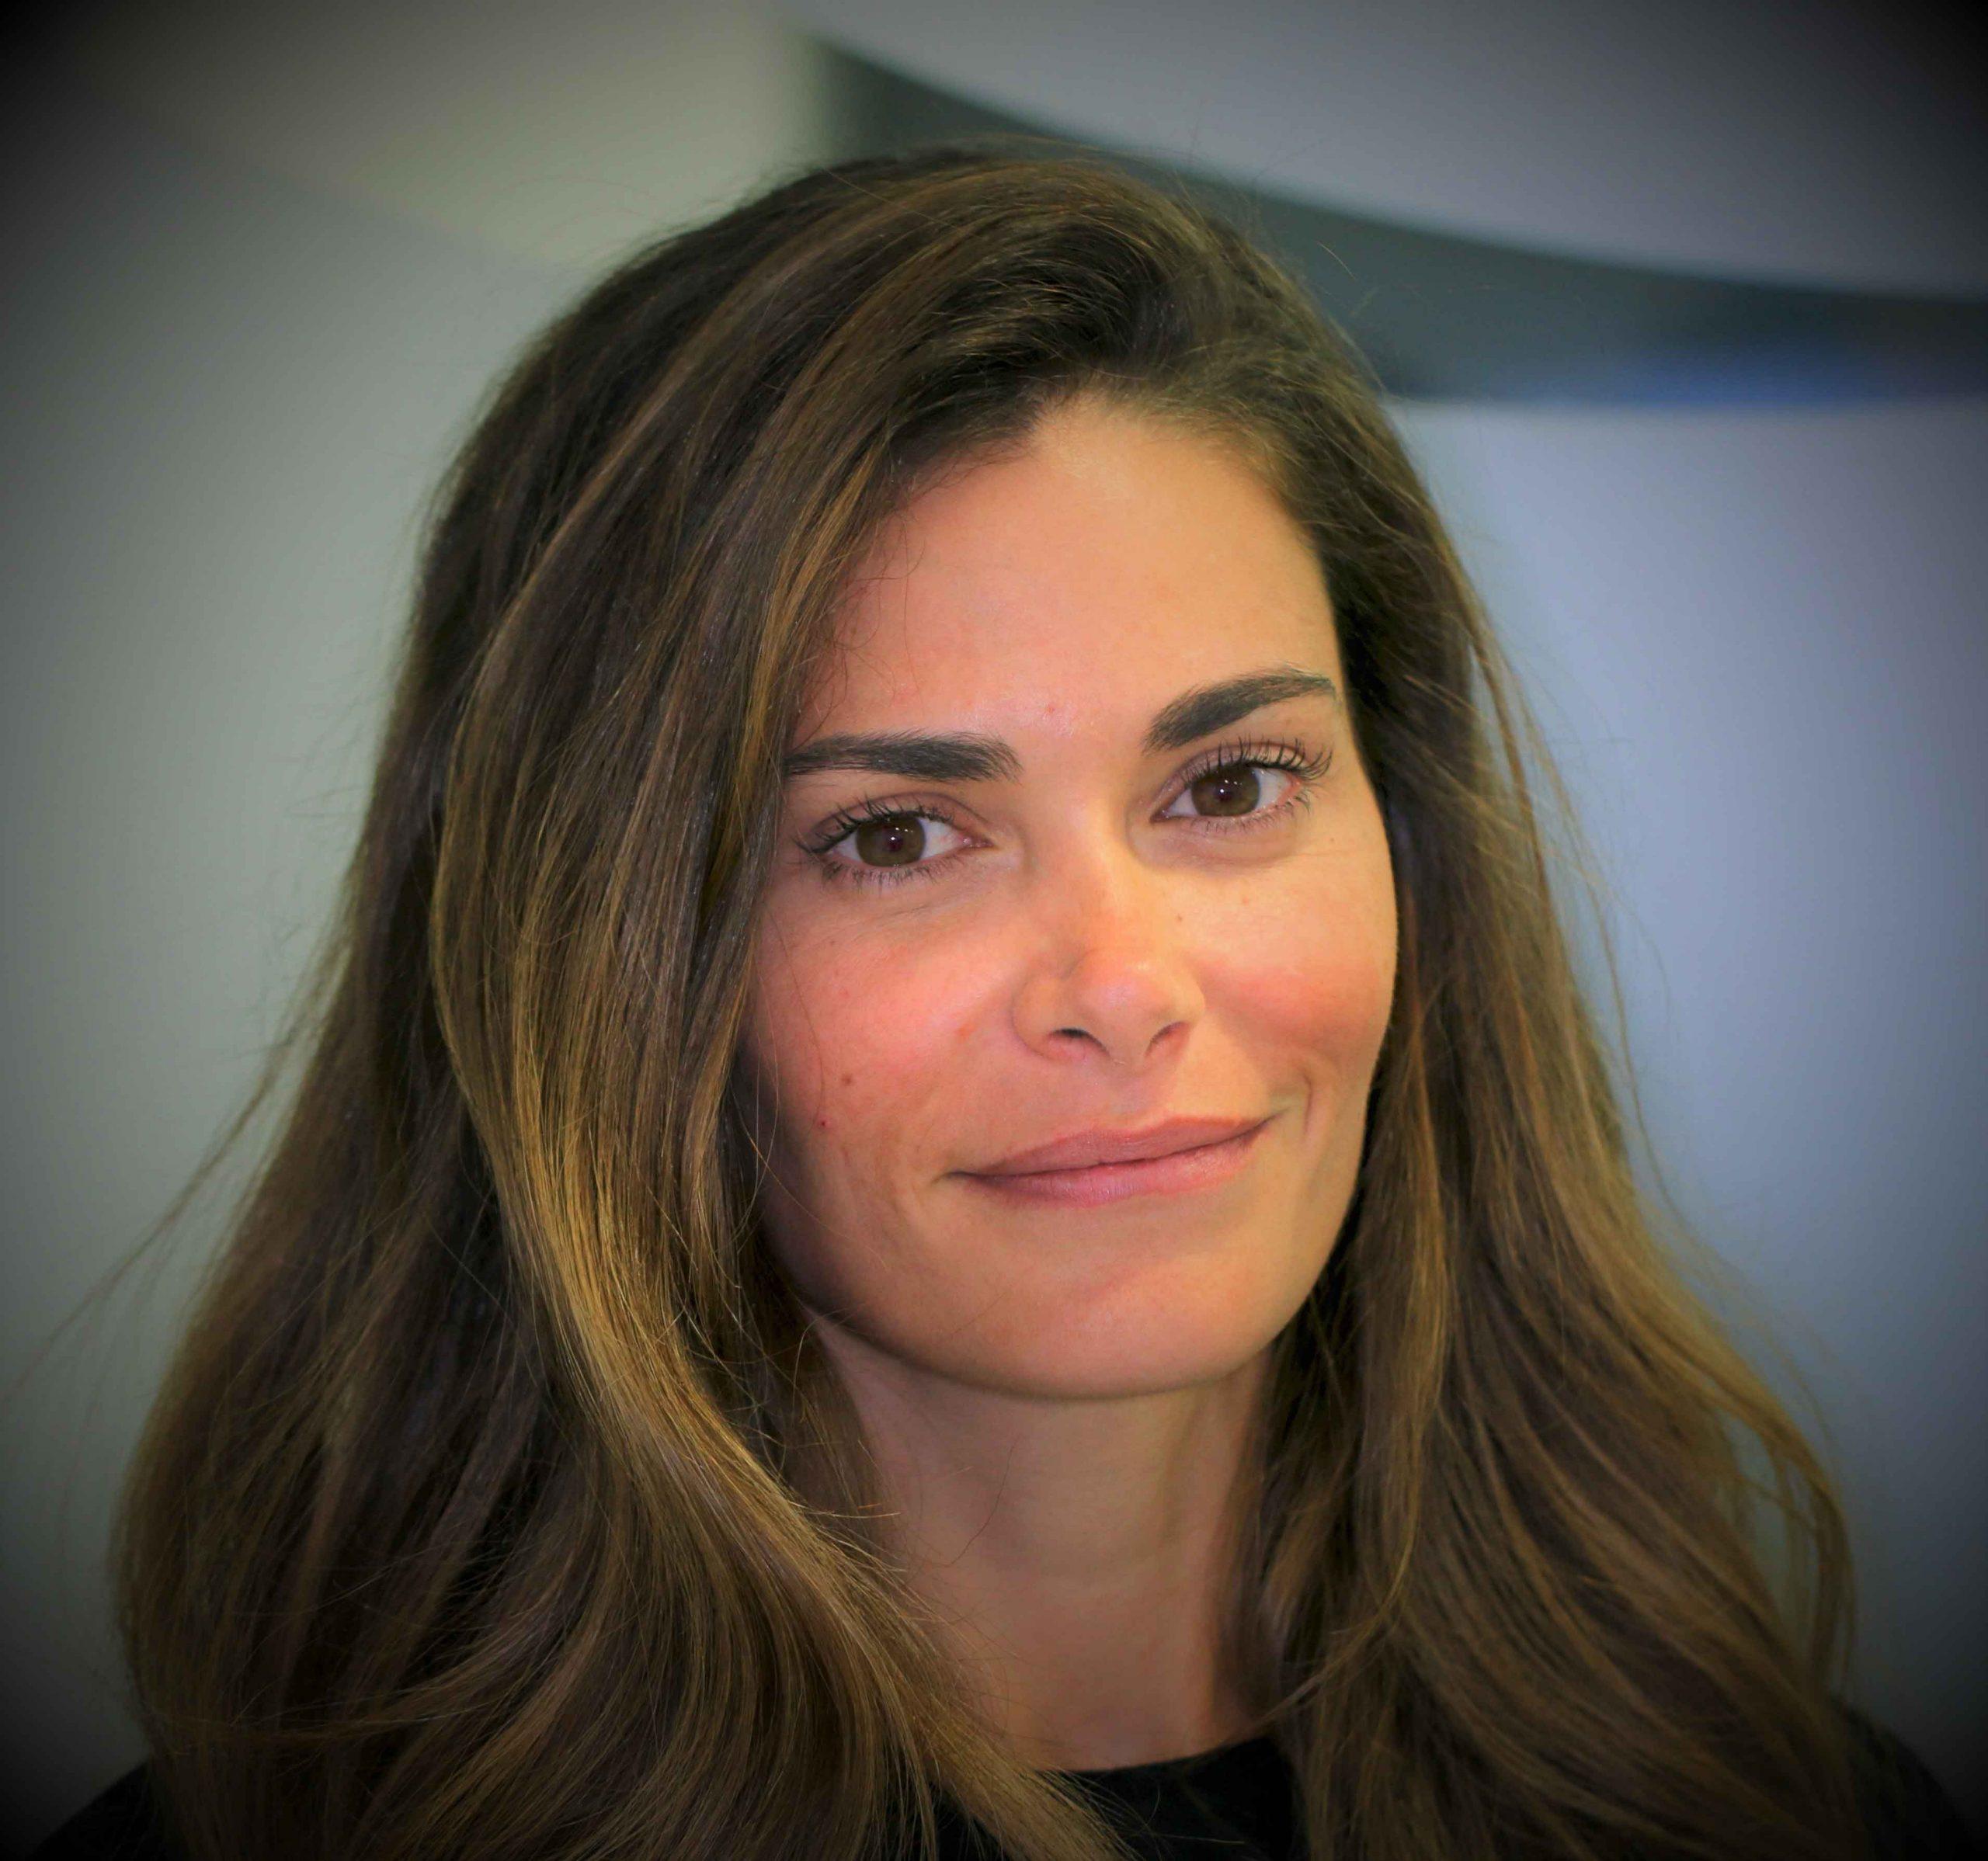 Stephanie Oiknine